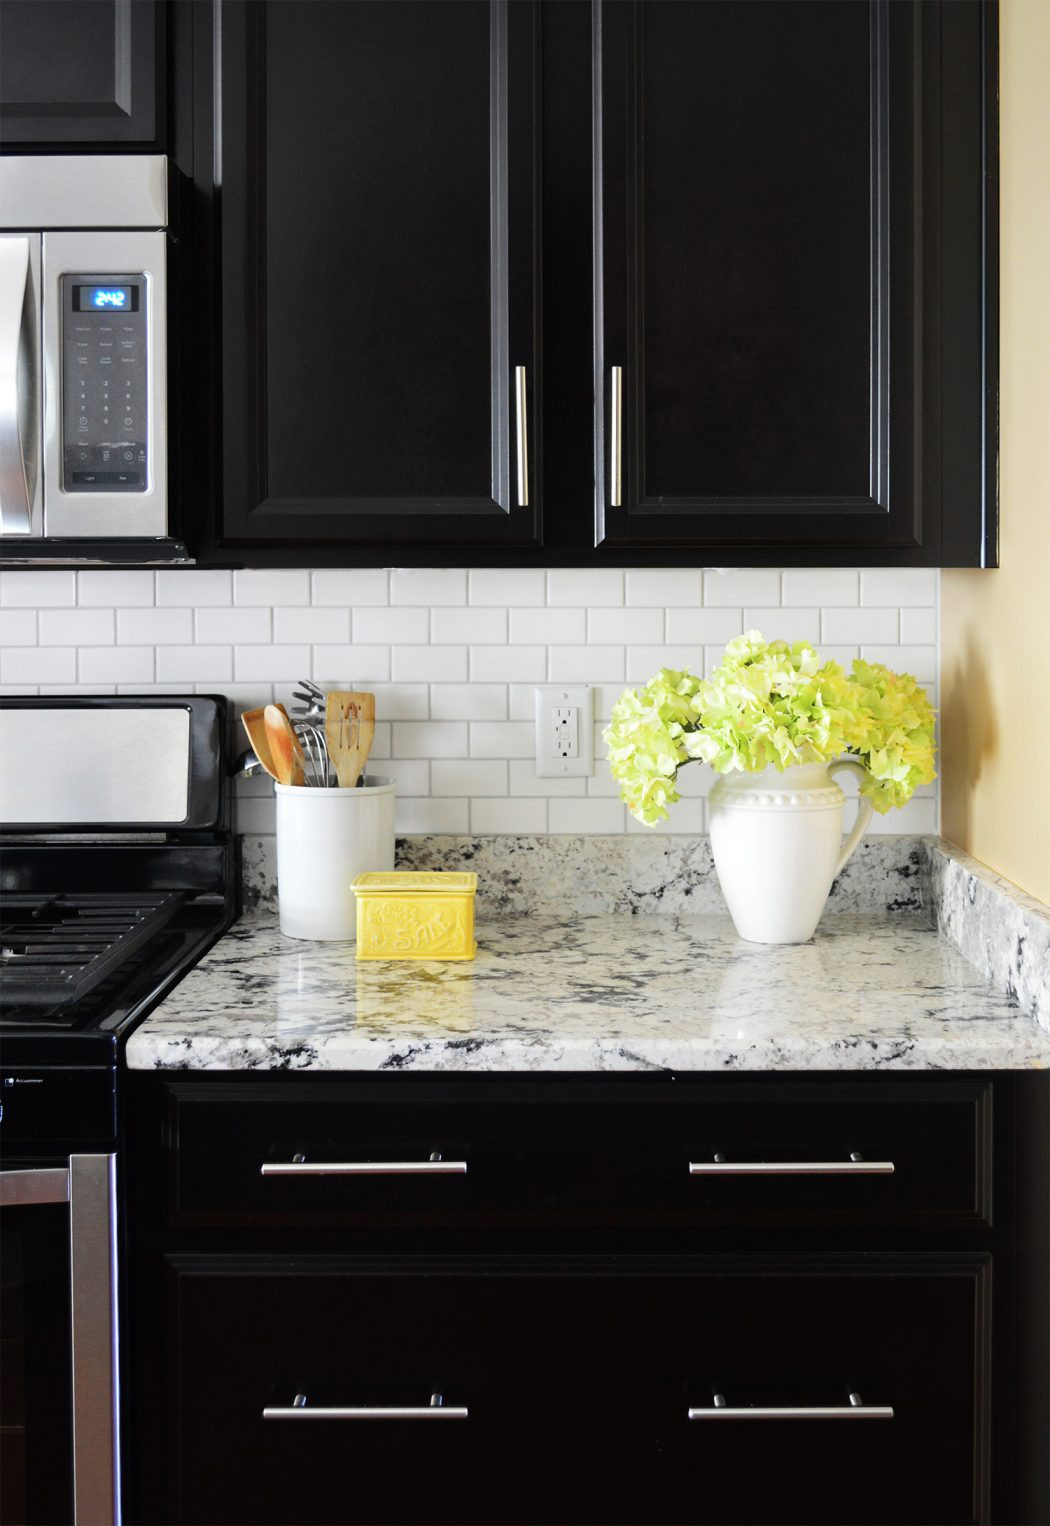 Kitchen Subway Tile Backsplash Designs  Installing A Subway Tile Backsplash For $200